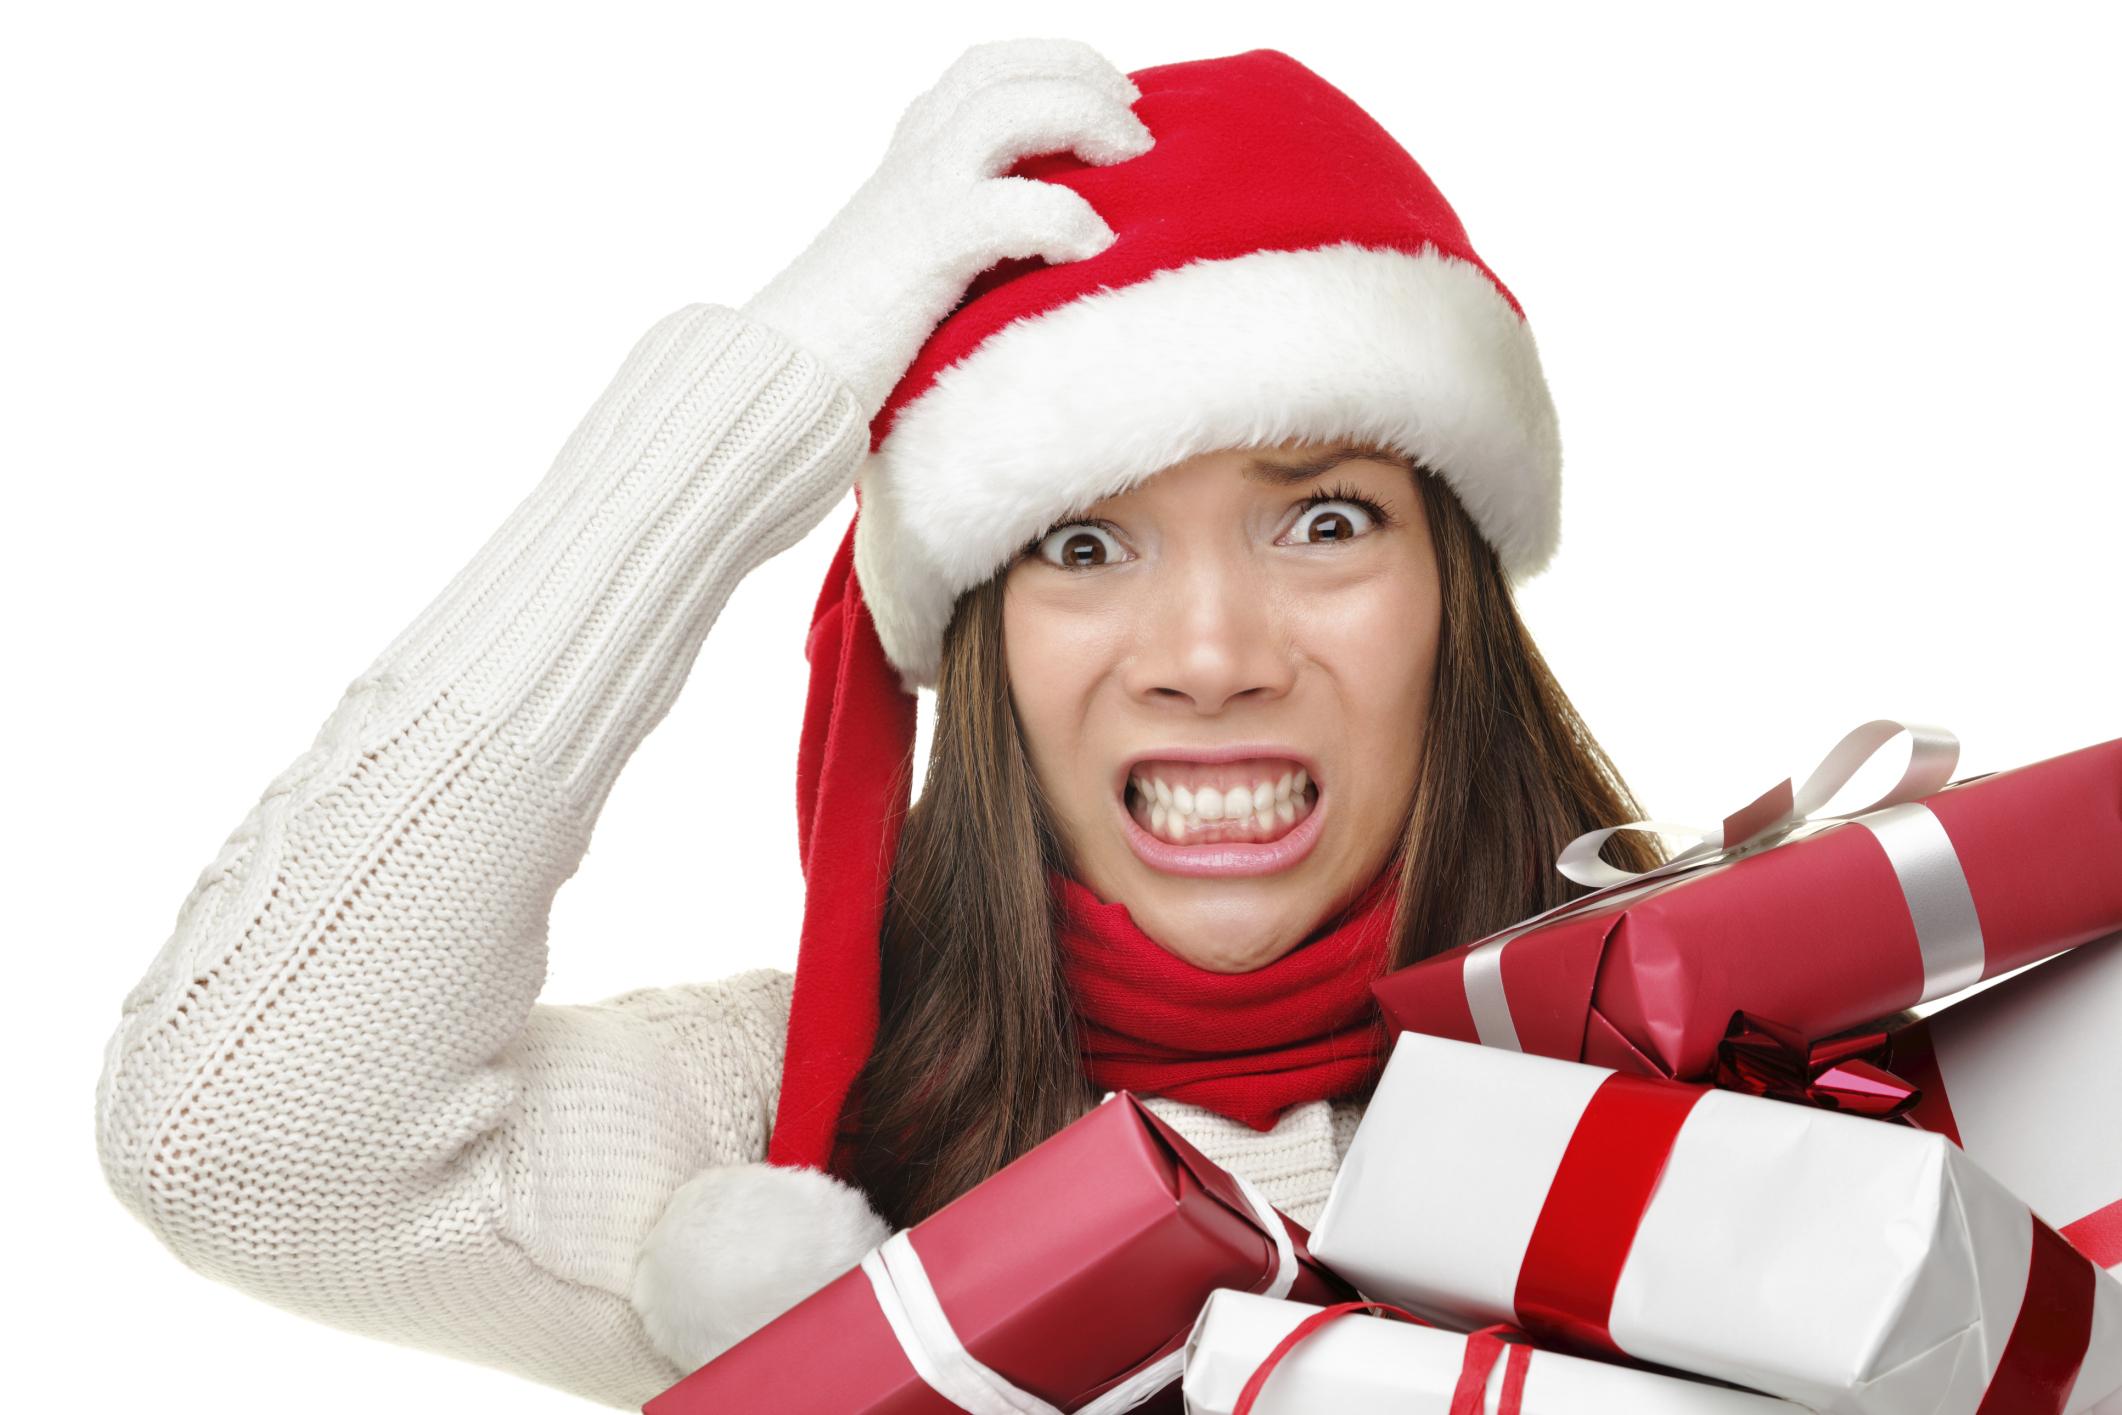 'Zase jsou tady ty ... Vánoce.' Z nadávek na svátky se stává móda